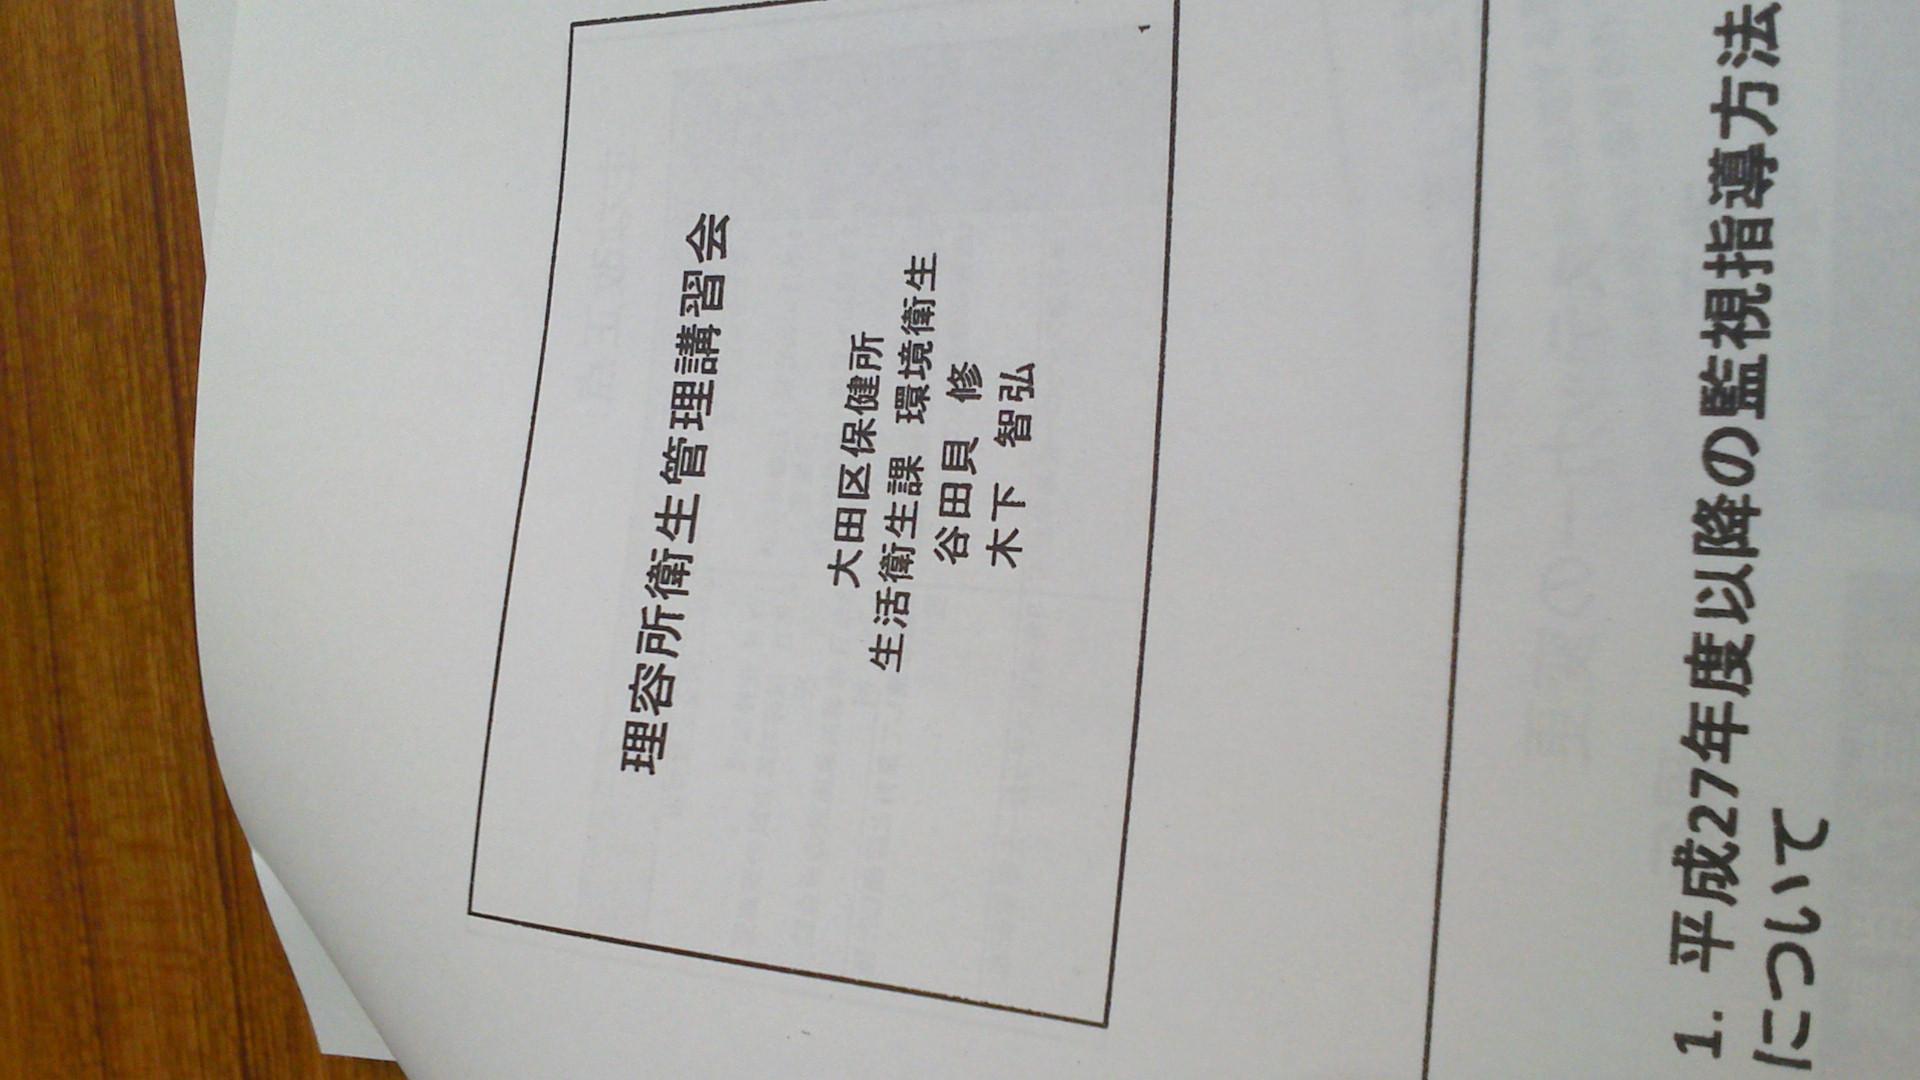 NEC_2711.JPG